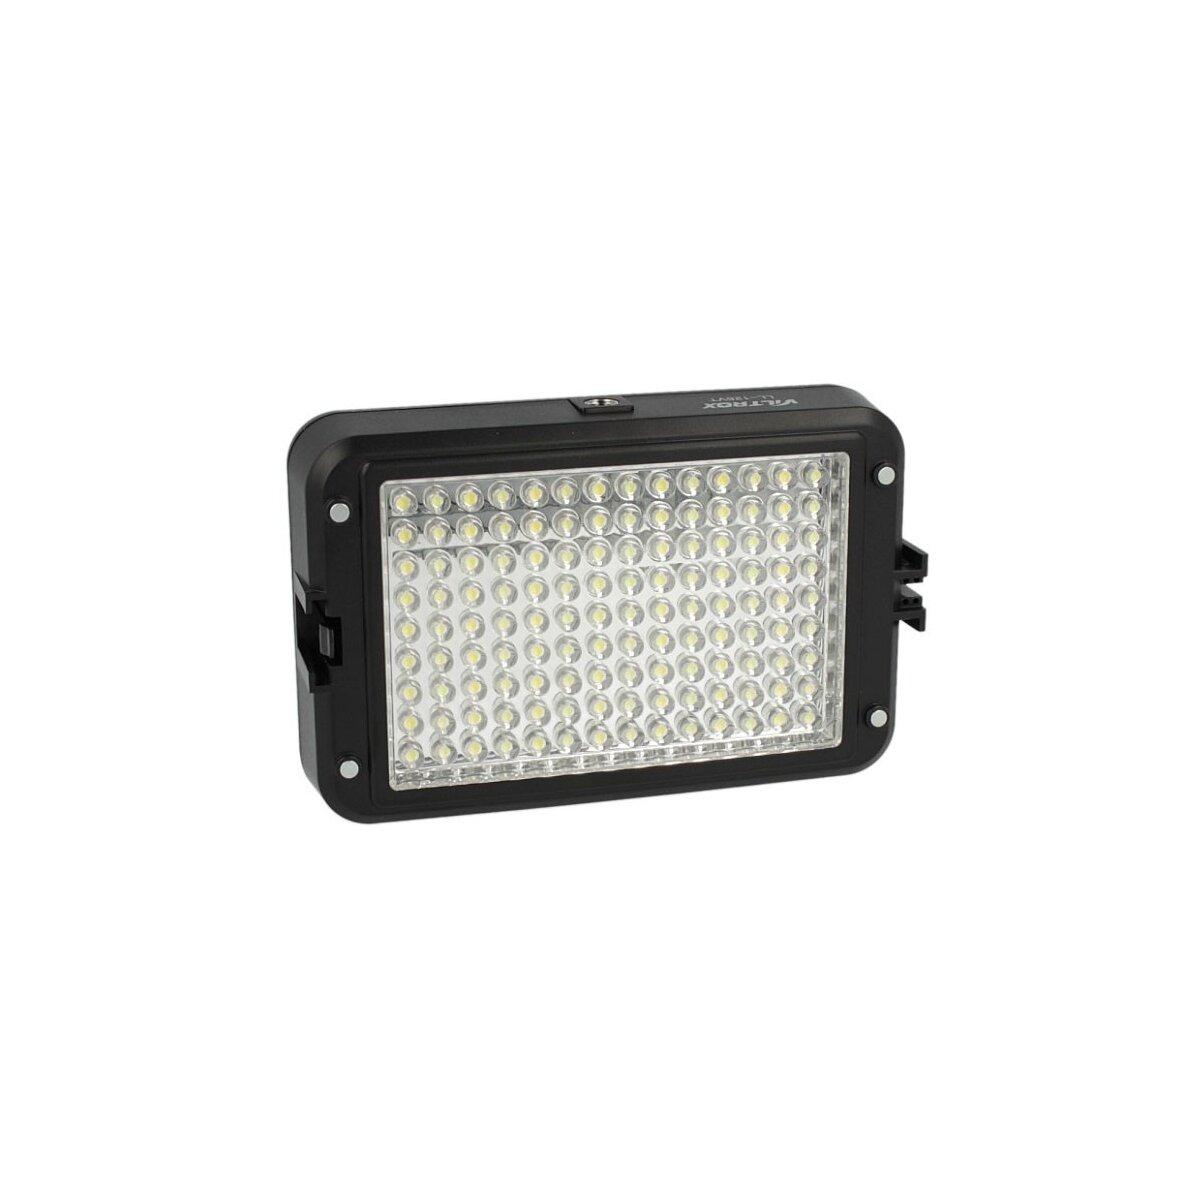 Viltrox LL-126VT Kraftvolle Videoleuchte 126 LED's, Lichtkamera mit Dimmer fuer Farbtemperatur & 2 Filtern fuer alle gaengigen Kameras